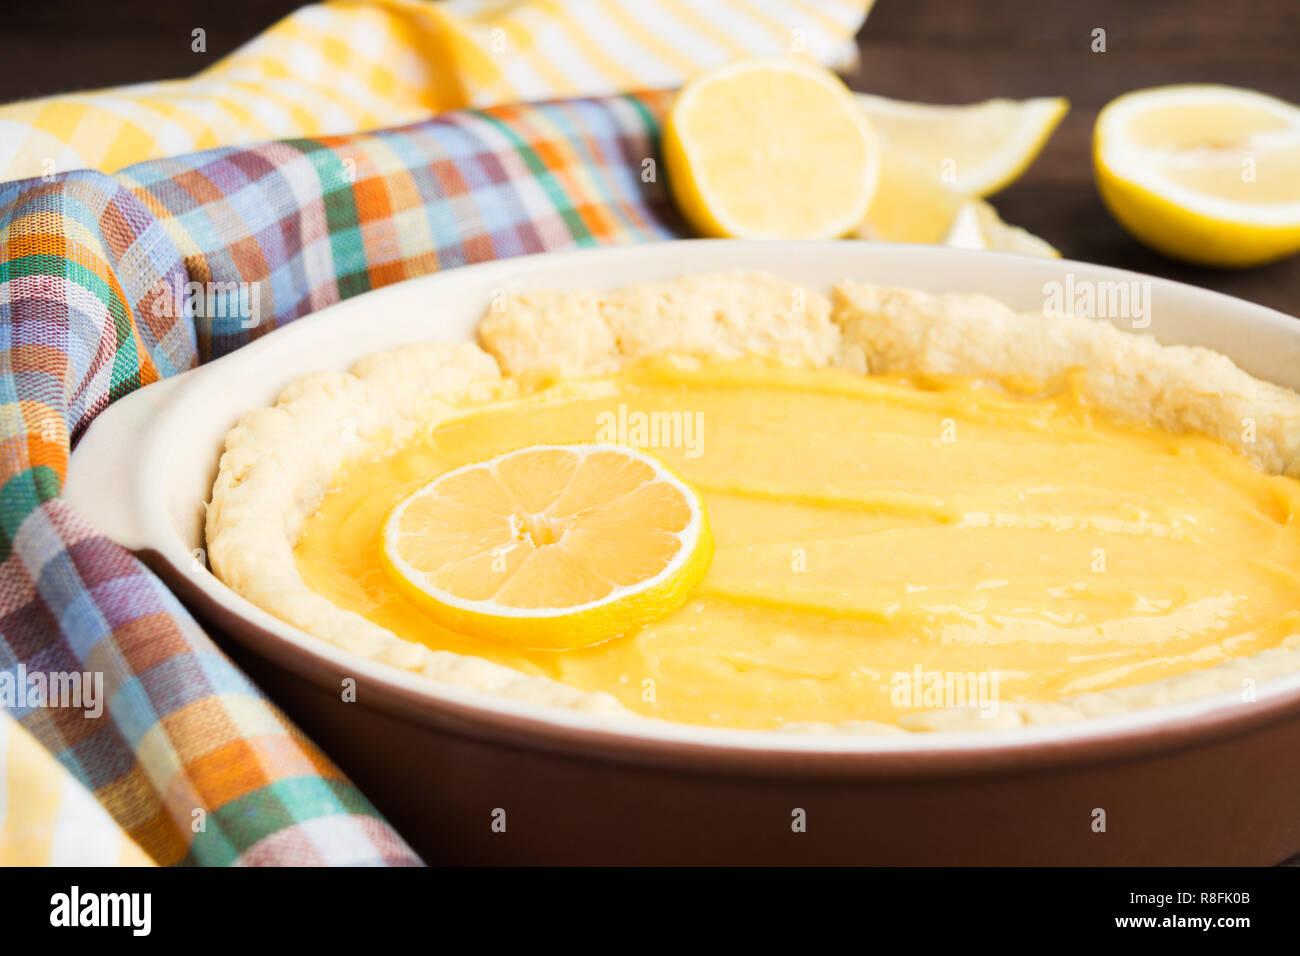 Kuchen Mit Lemon Curd Bereit Die Fur Das Backing Rezept Konzept